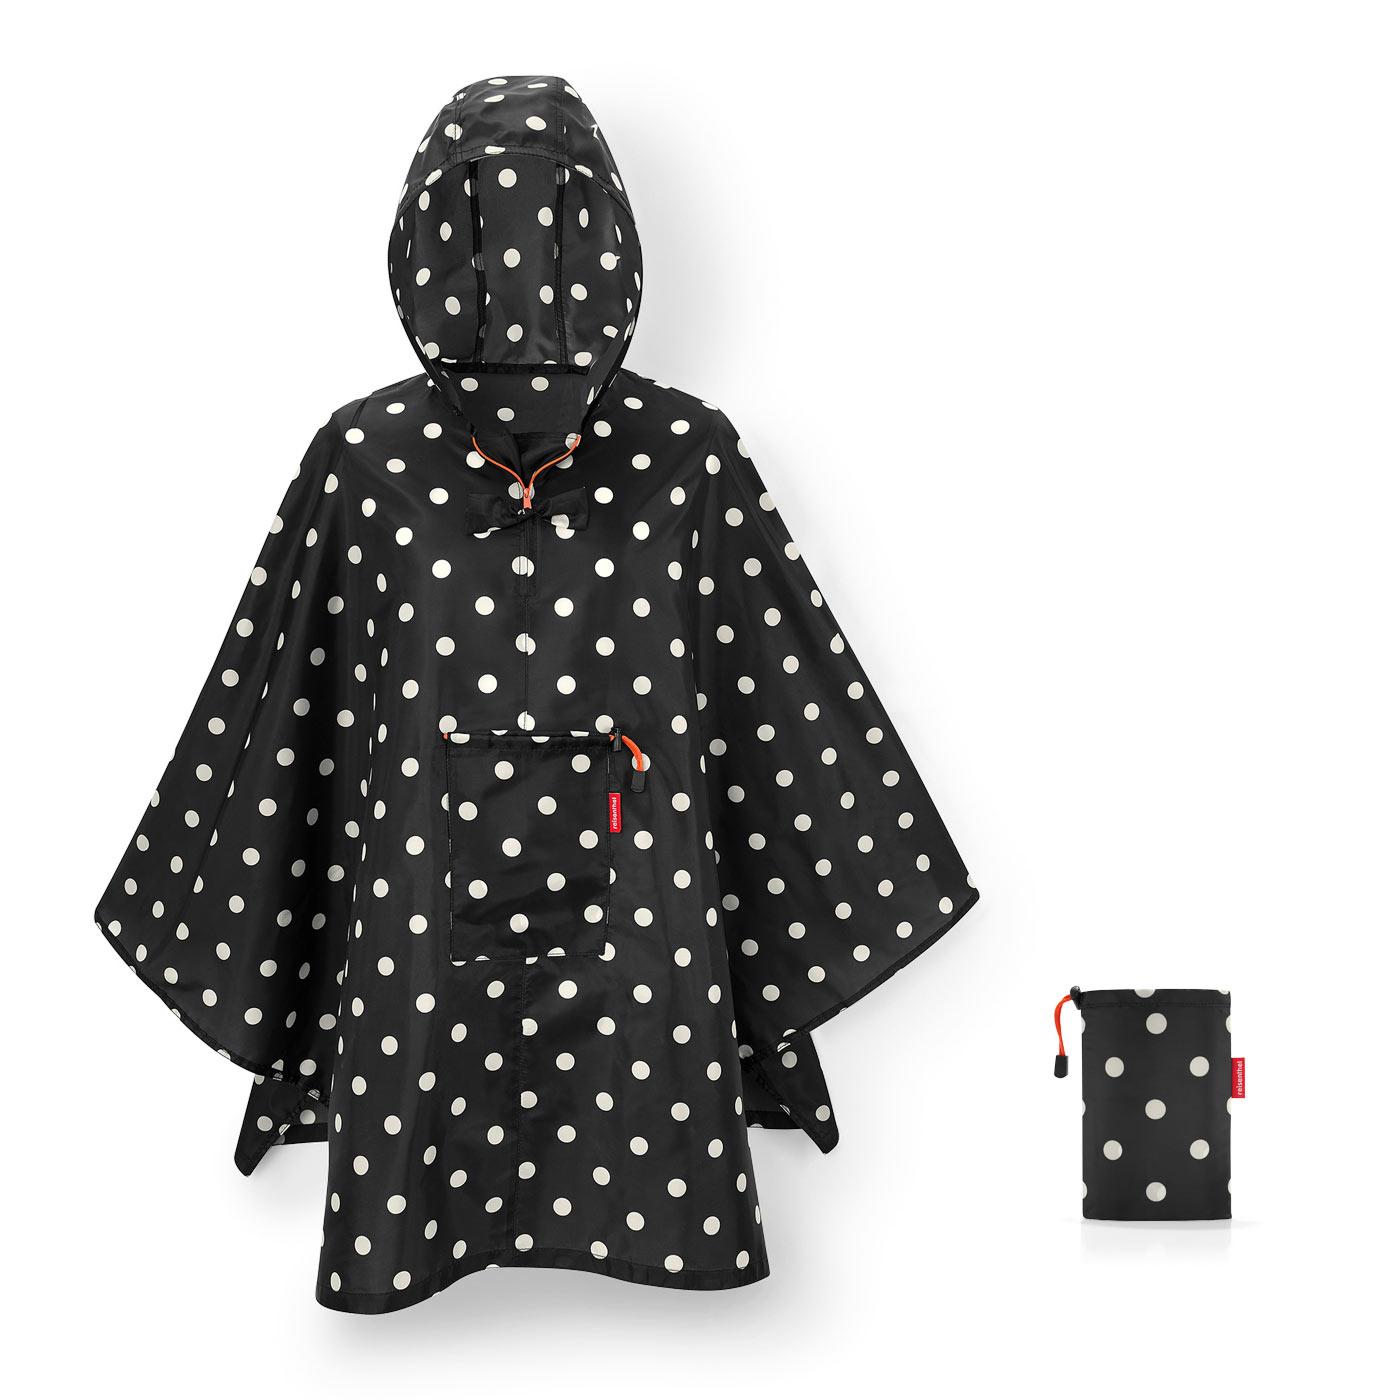 Reisenthel capa chuva desdobravel mini maxi poncho mixed dots